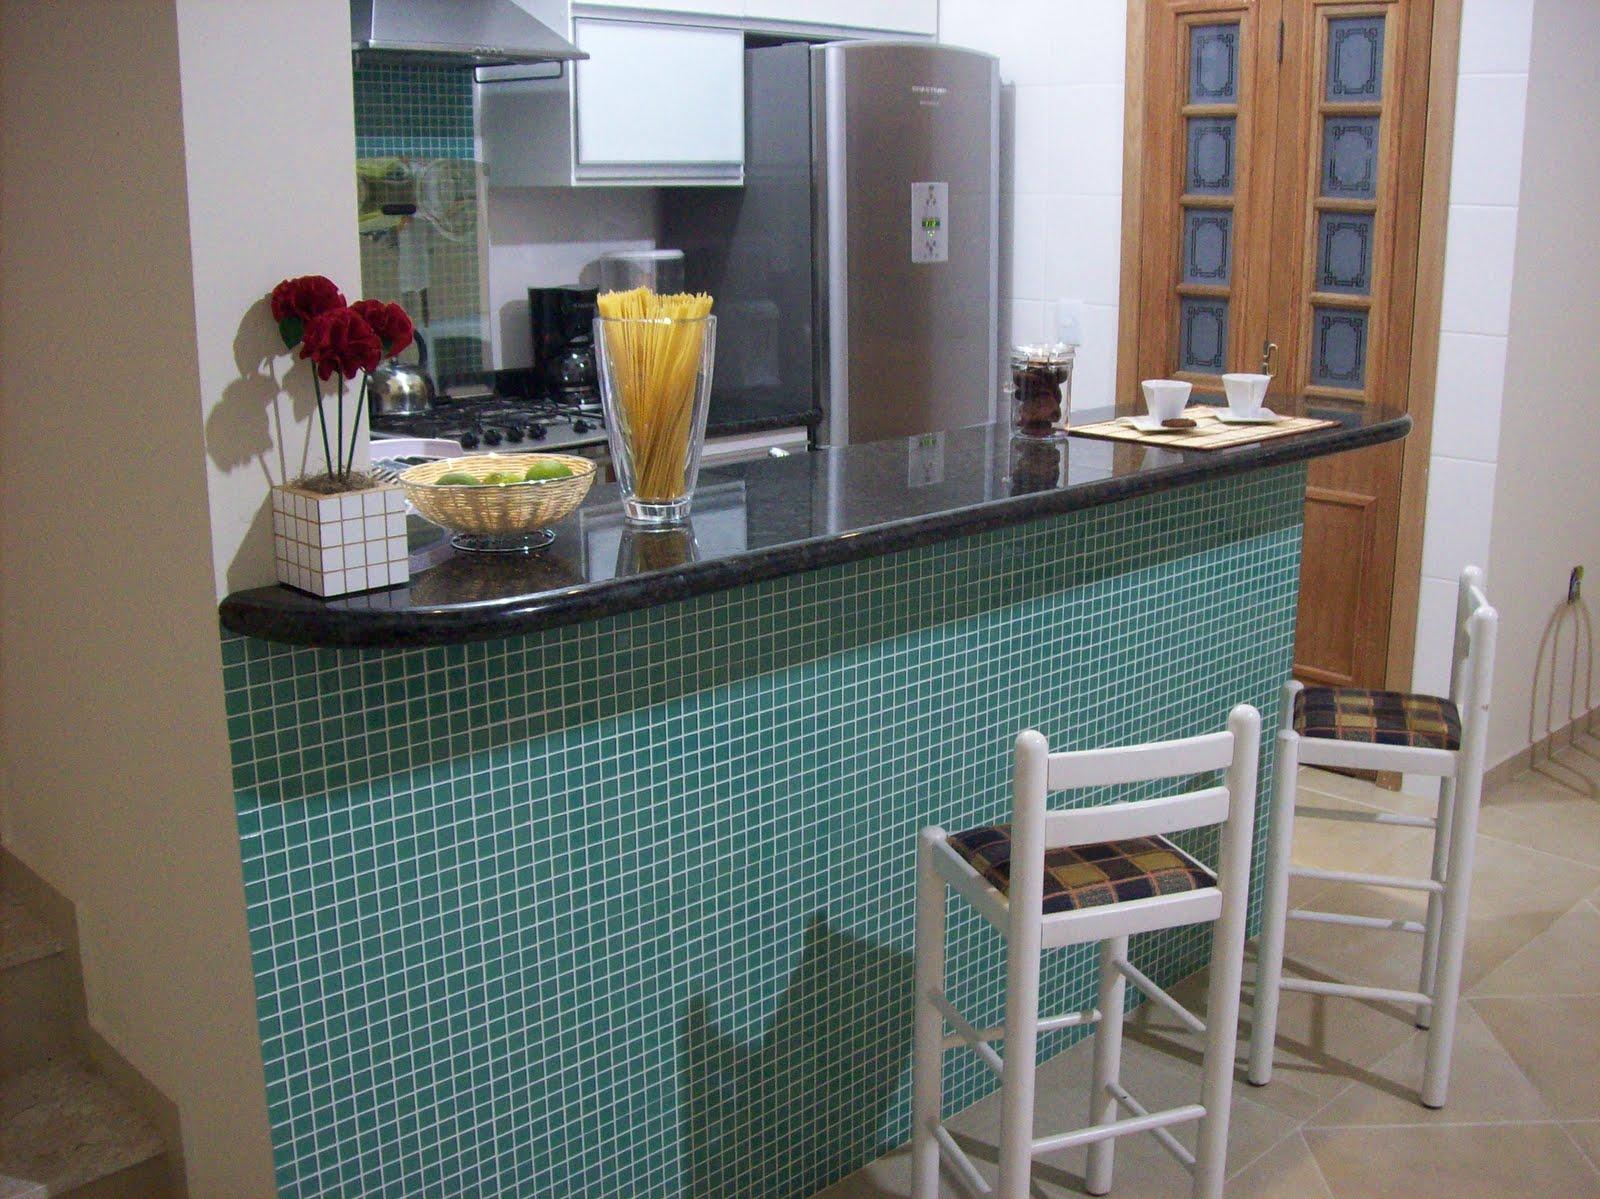 #664838 Foto 02: Frente do balcão de refeições que divide a cozinha das  1600x1199 px Fotos De Balcão De Granito Para Cozinha Americana_3445 Imagens